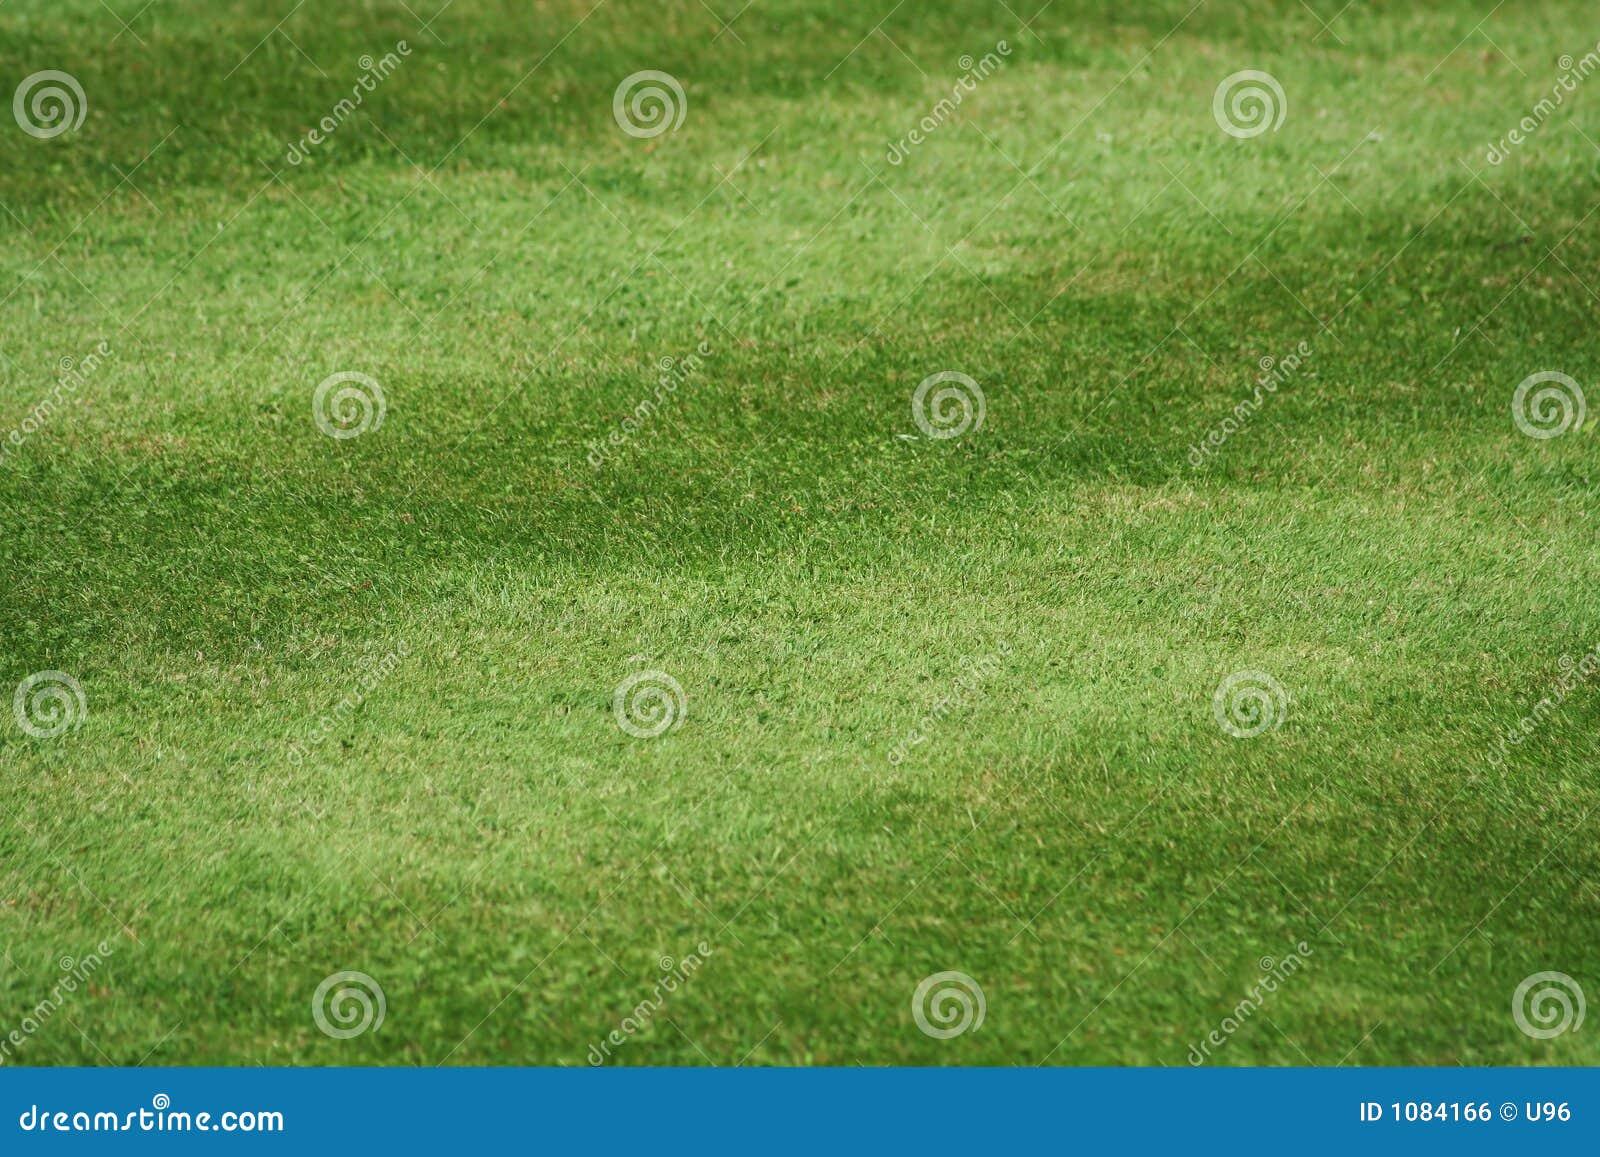 лужайка травы 45deg 5 накошенная опрятно stripe нашивки к